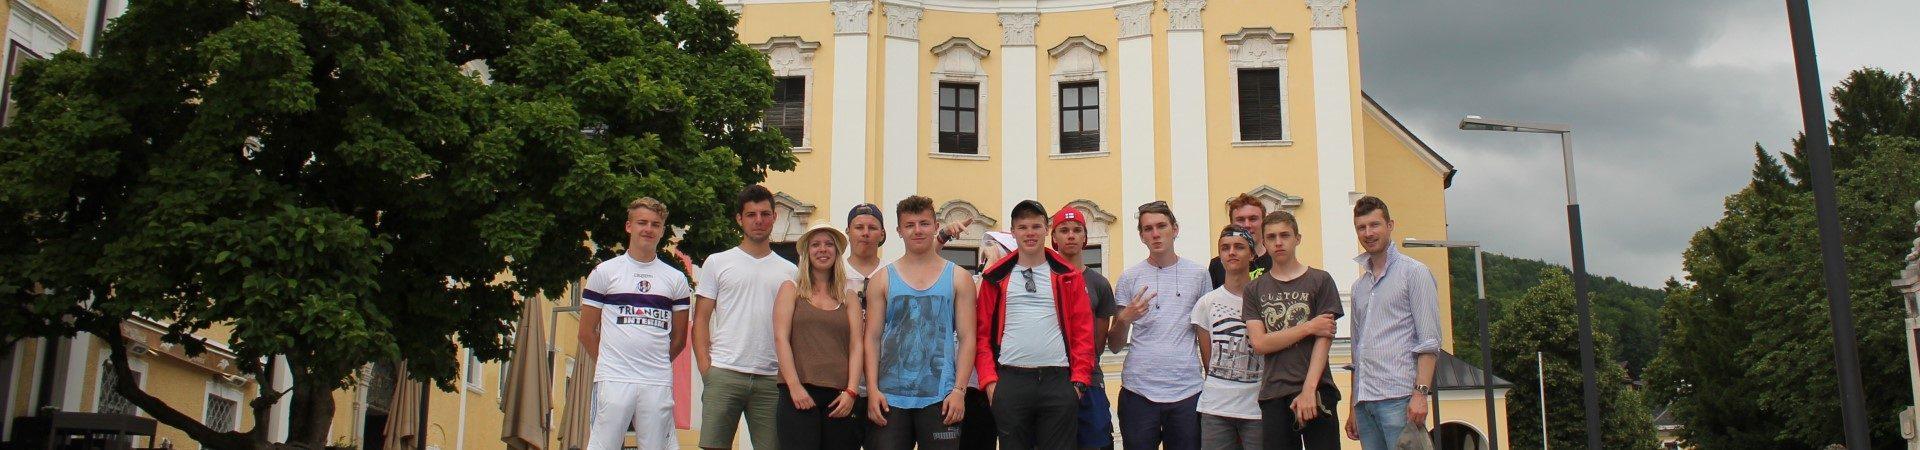 http://ASG-Passau.de/wp-content/uploads/2016/12/Slider_Home_2016-12_01-1920x450.jpg